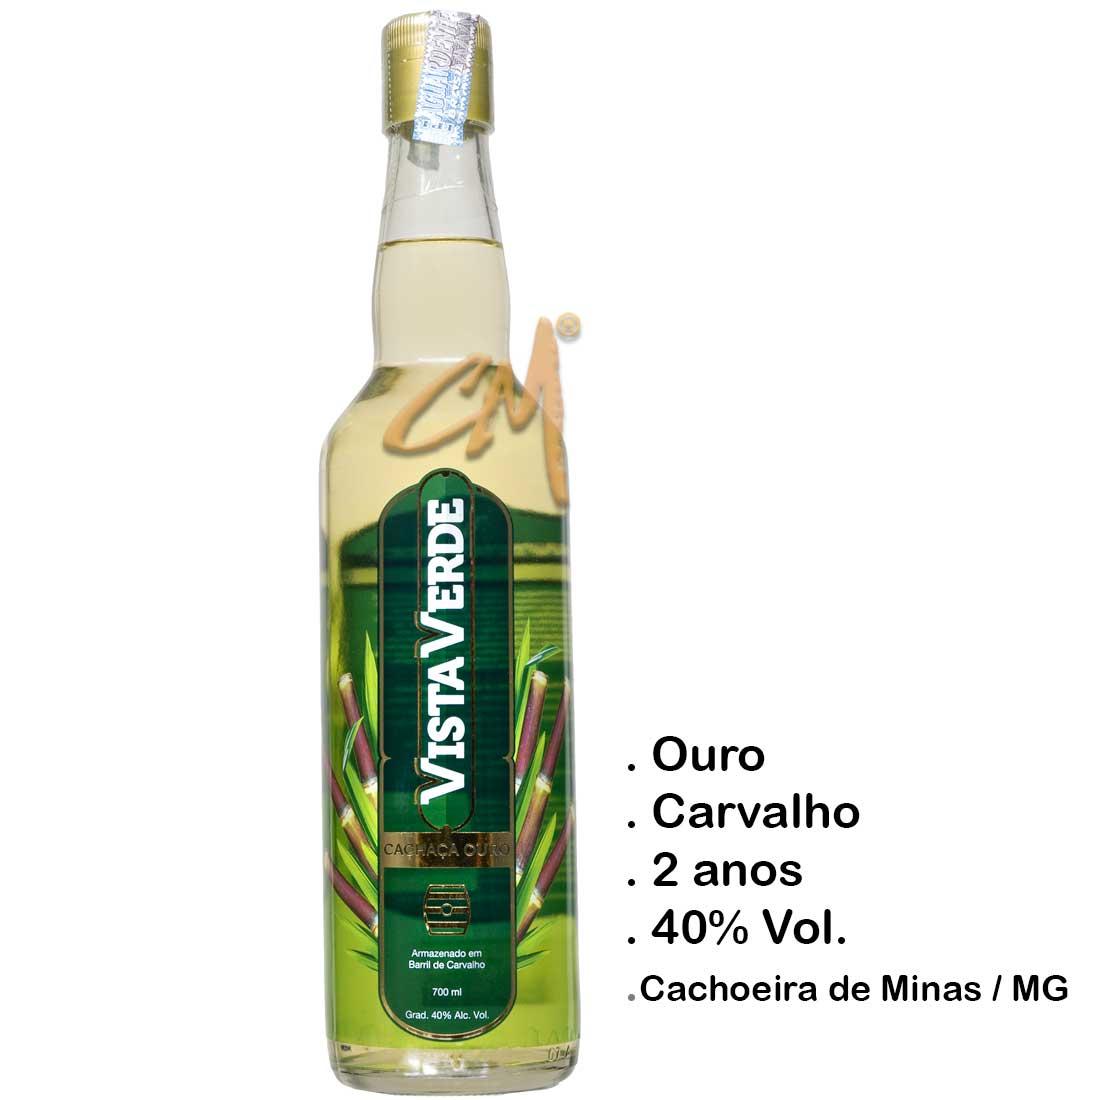 Cachaça Vista Verde Ouro 670 ml (Cachoeira de Minas - MG)